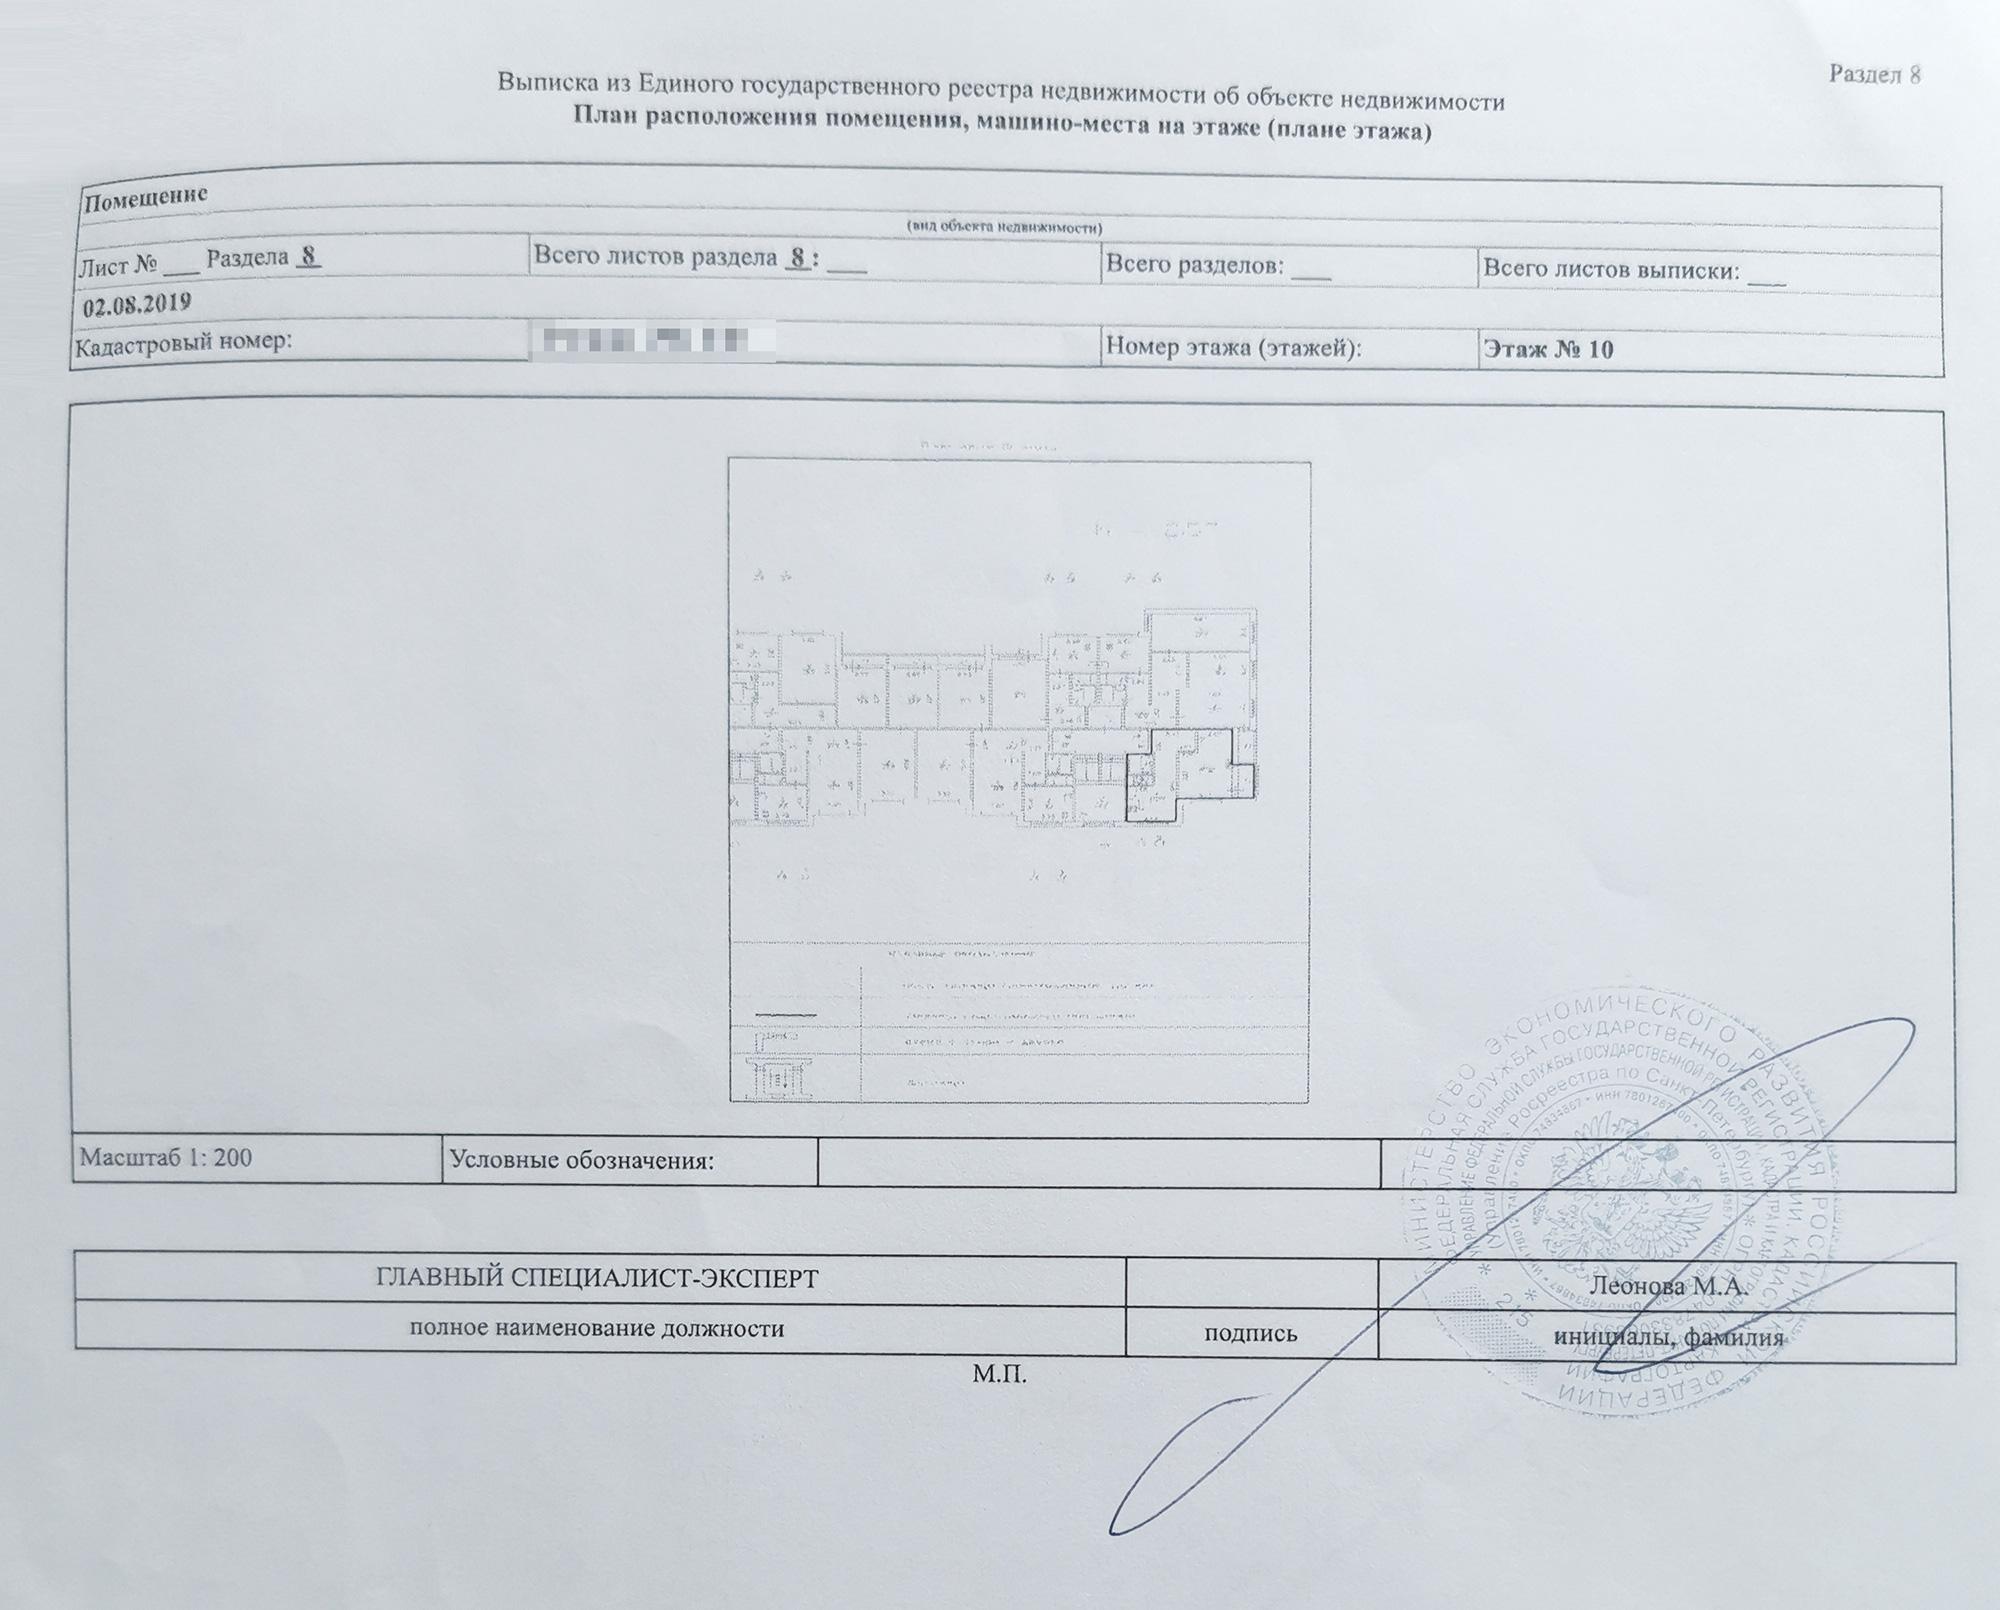 Лист выписки из ЕГРН с планом помещения. Масштаб не позволяет увидеть изменения в планировке, поэтому я была разочарована. Однако процедура соблюдена, и в этой эпопее поставлена точка